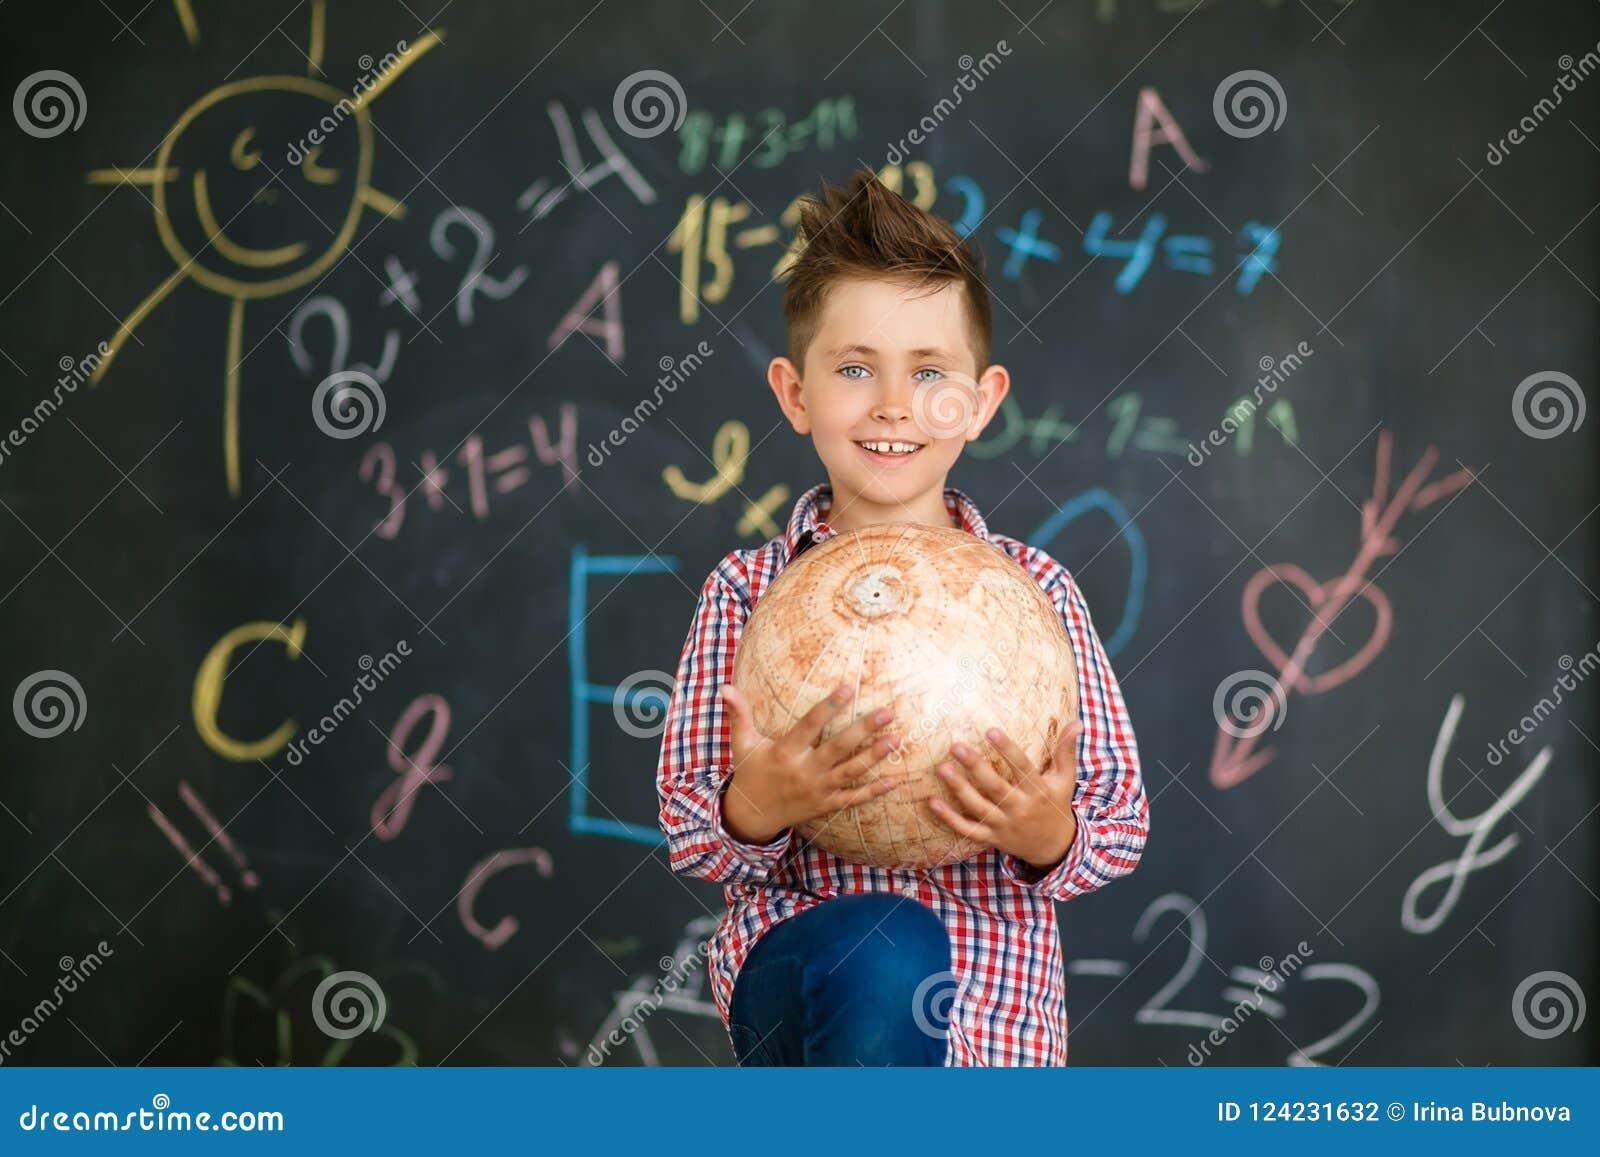 Ein Junge hält eine Kugel vor einer Schulbehörde